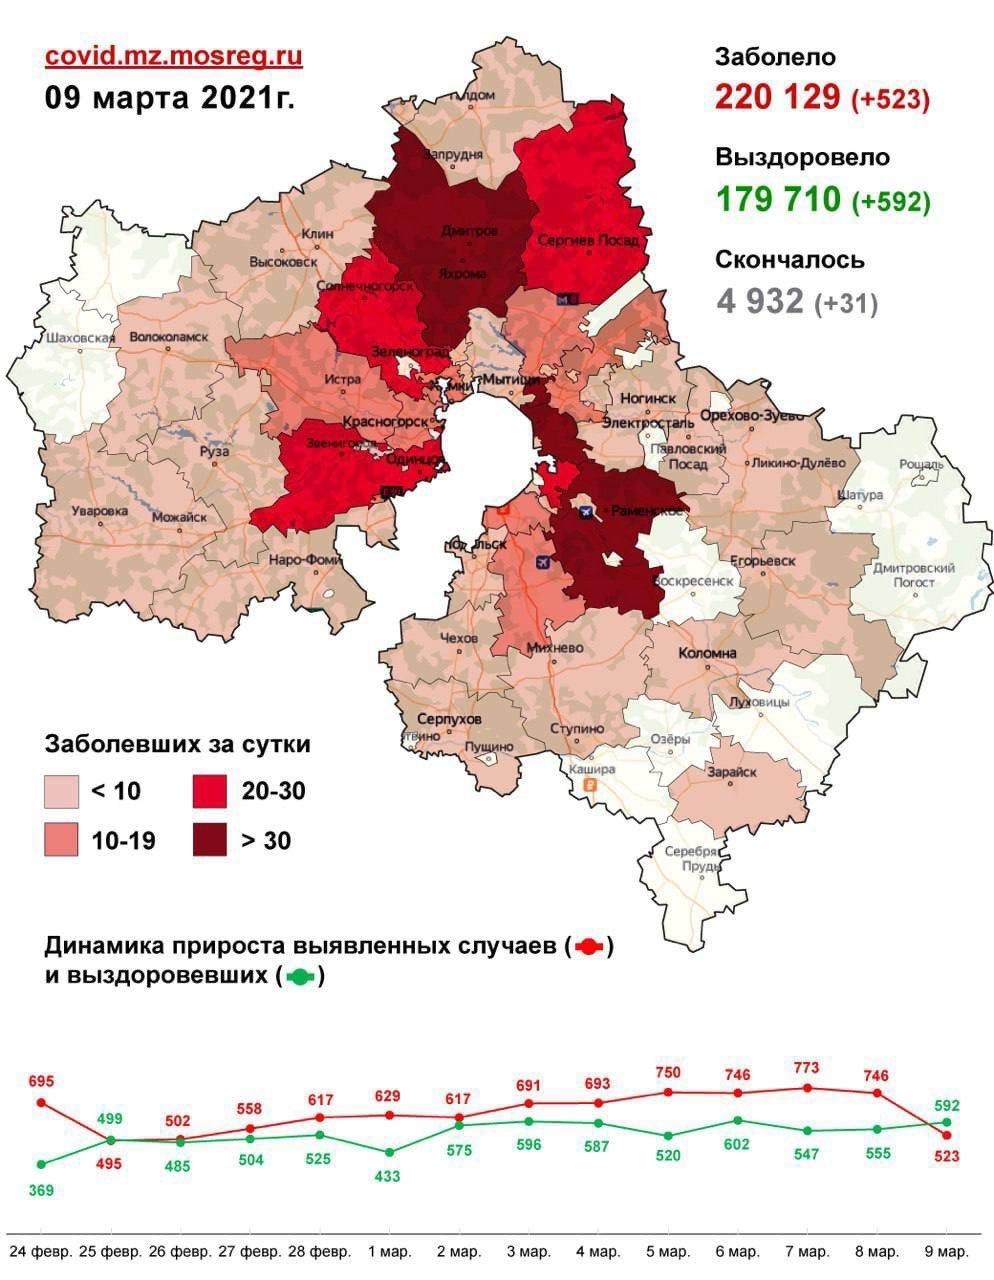 Статистика заболевших коронавирусом на 9 марта по городам Московской области